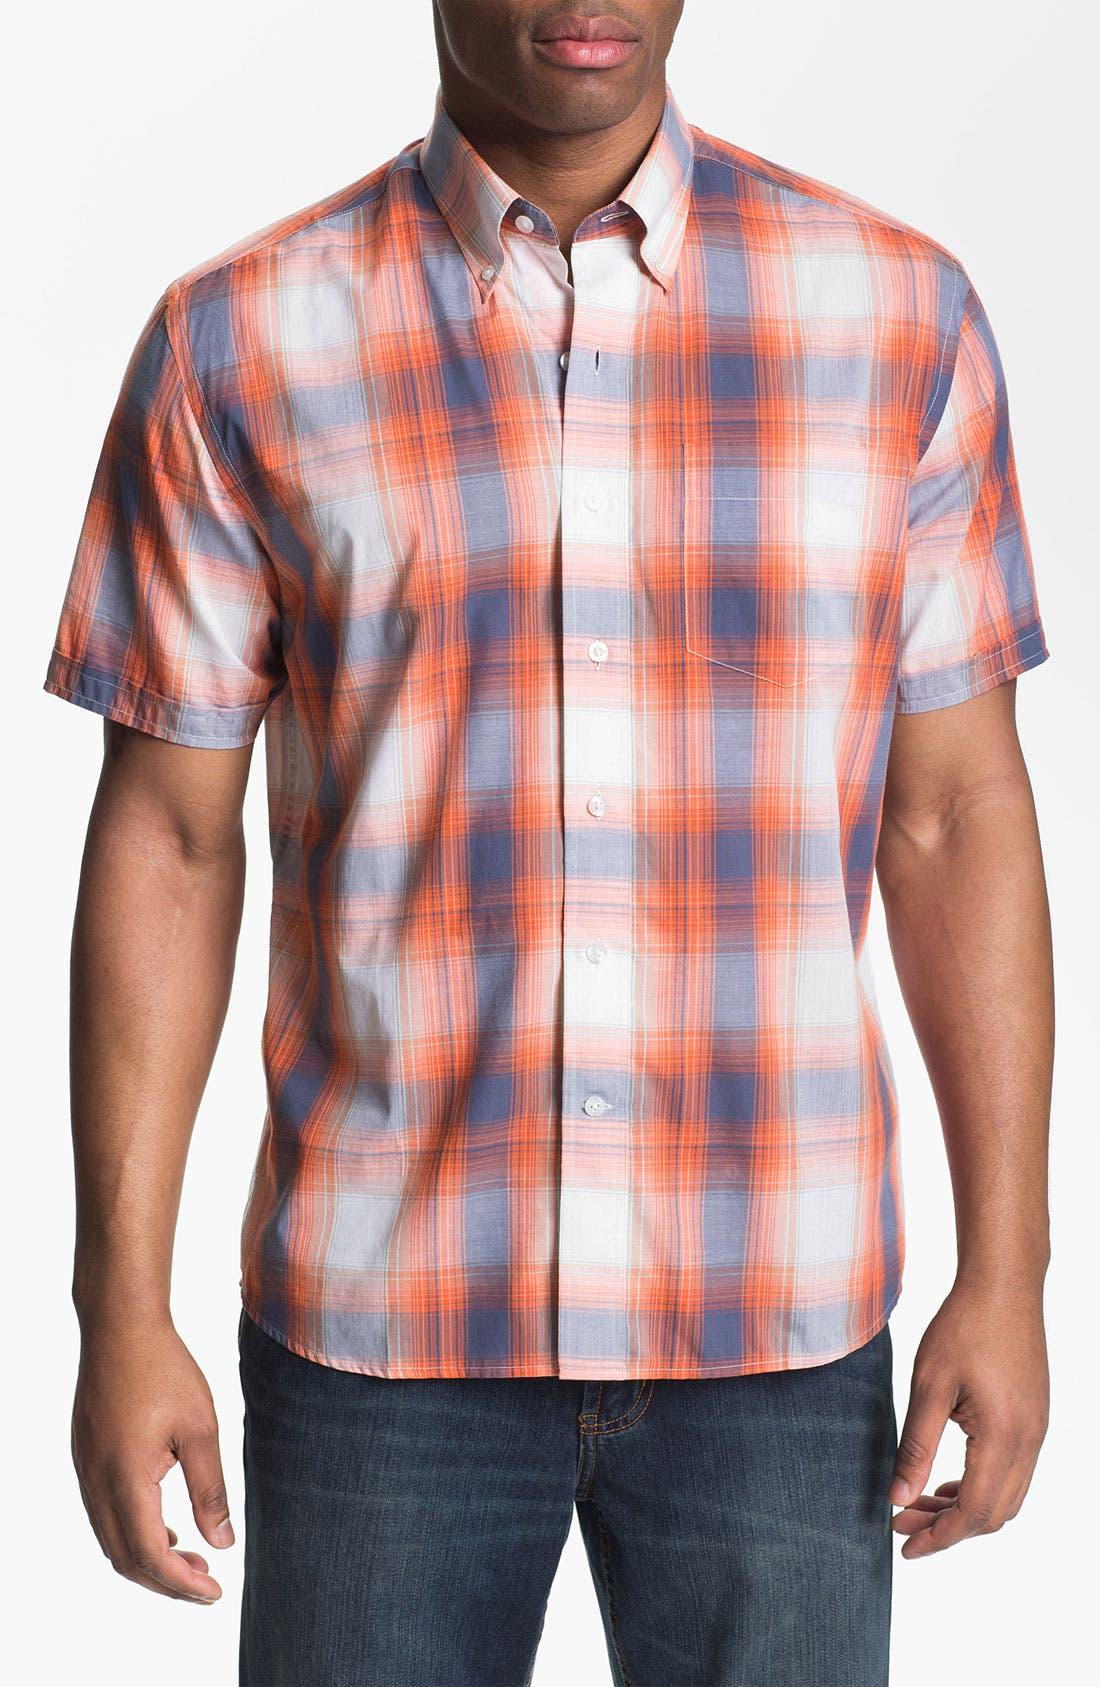 Alternate Image 1 Selected - Cutter & Buck 'Matthews' Plaid Sport Shirt